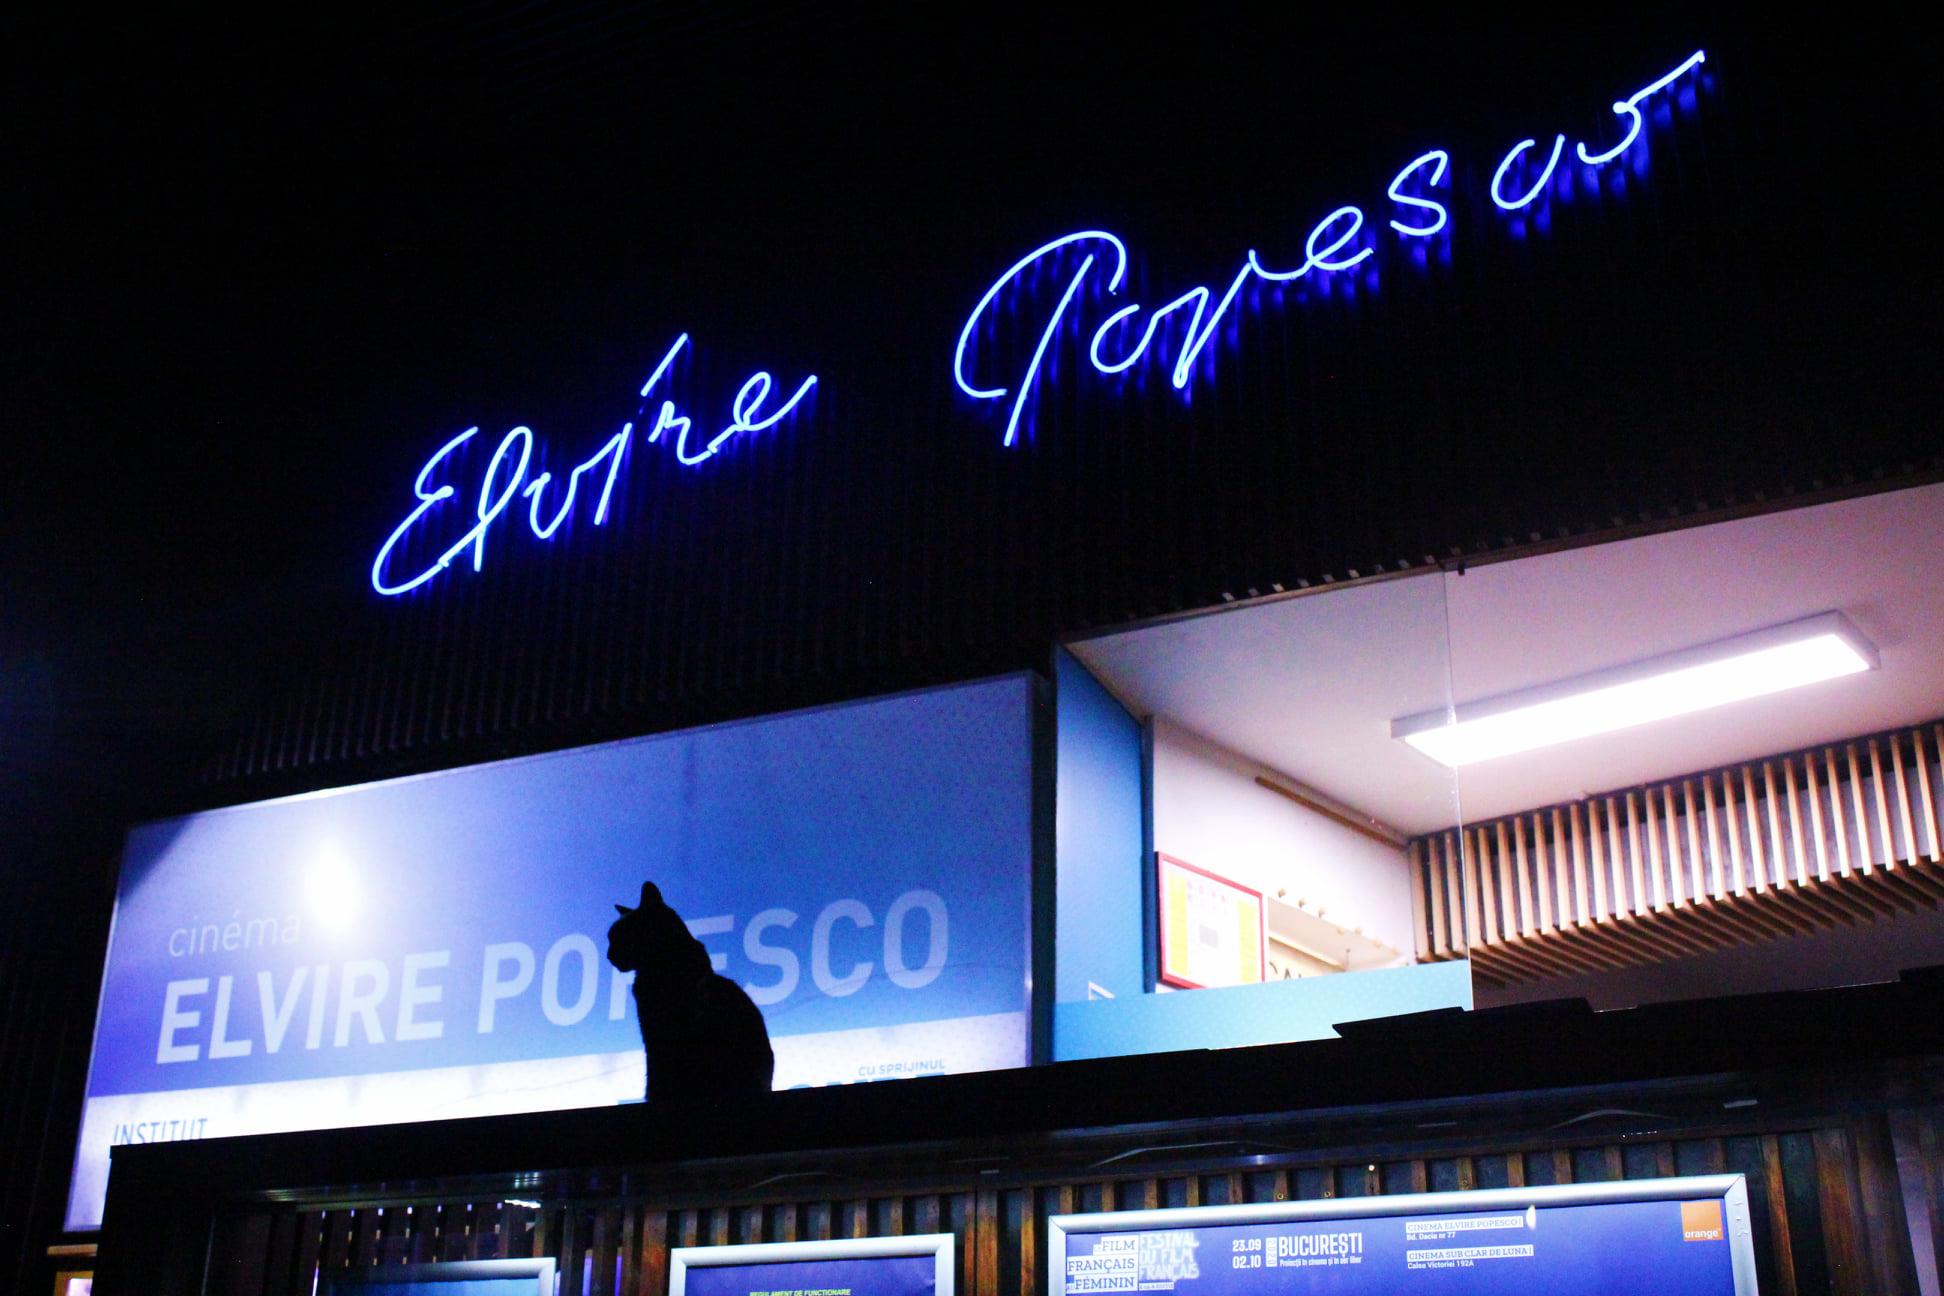 Cinema Elvire Popesco. Foto via Facebook